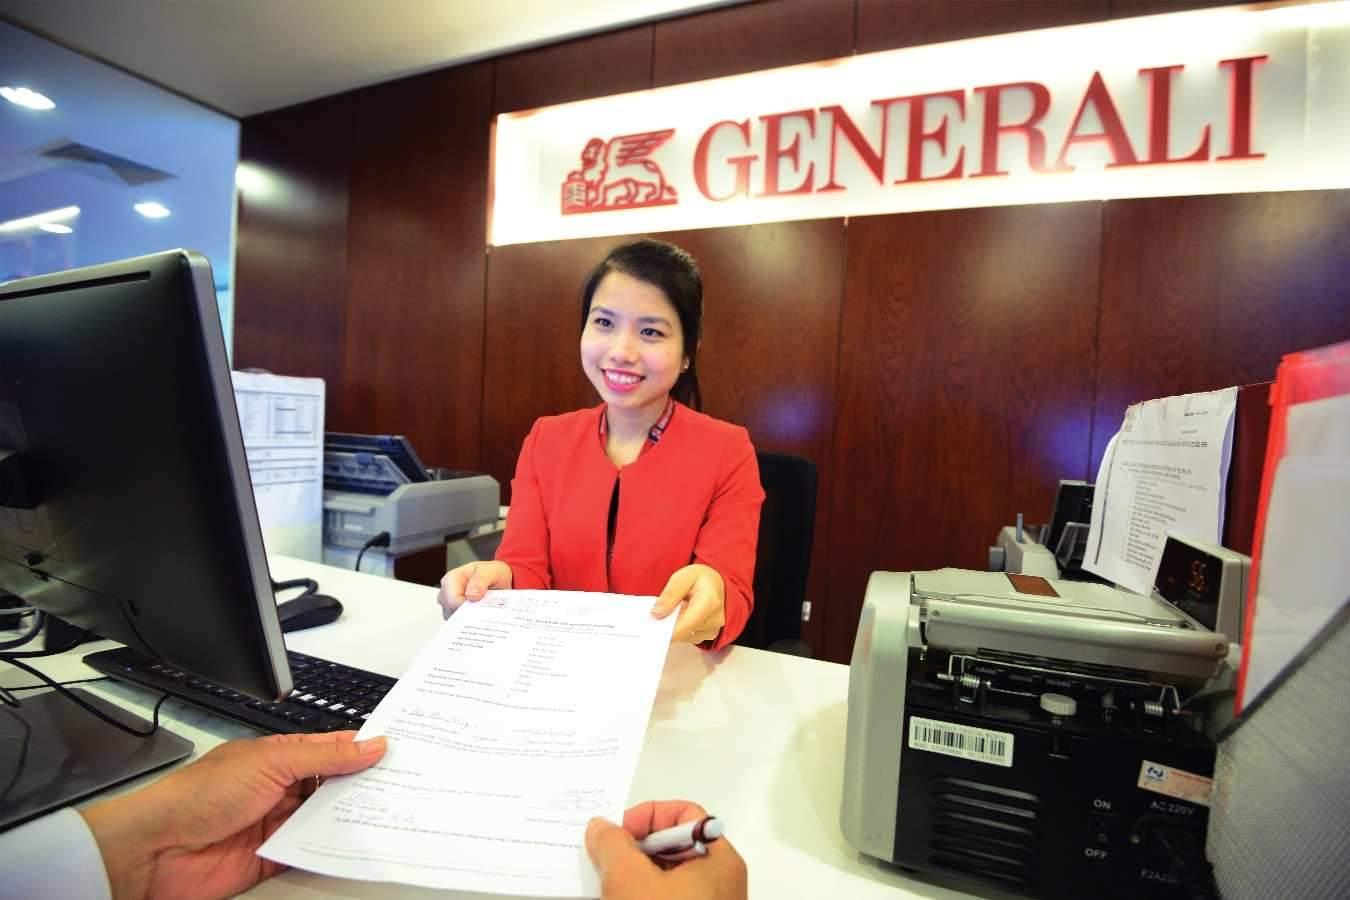 Đến phòng giao dịch của Generali để giải quyết quyền lợi bảo hiểm